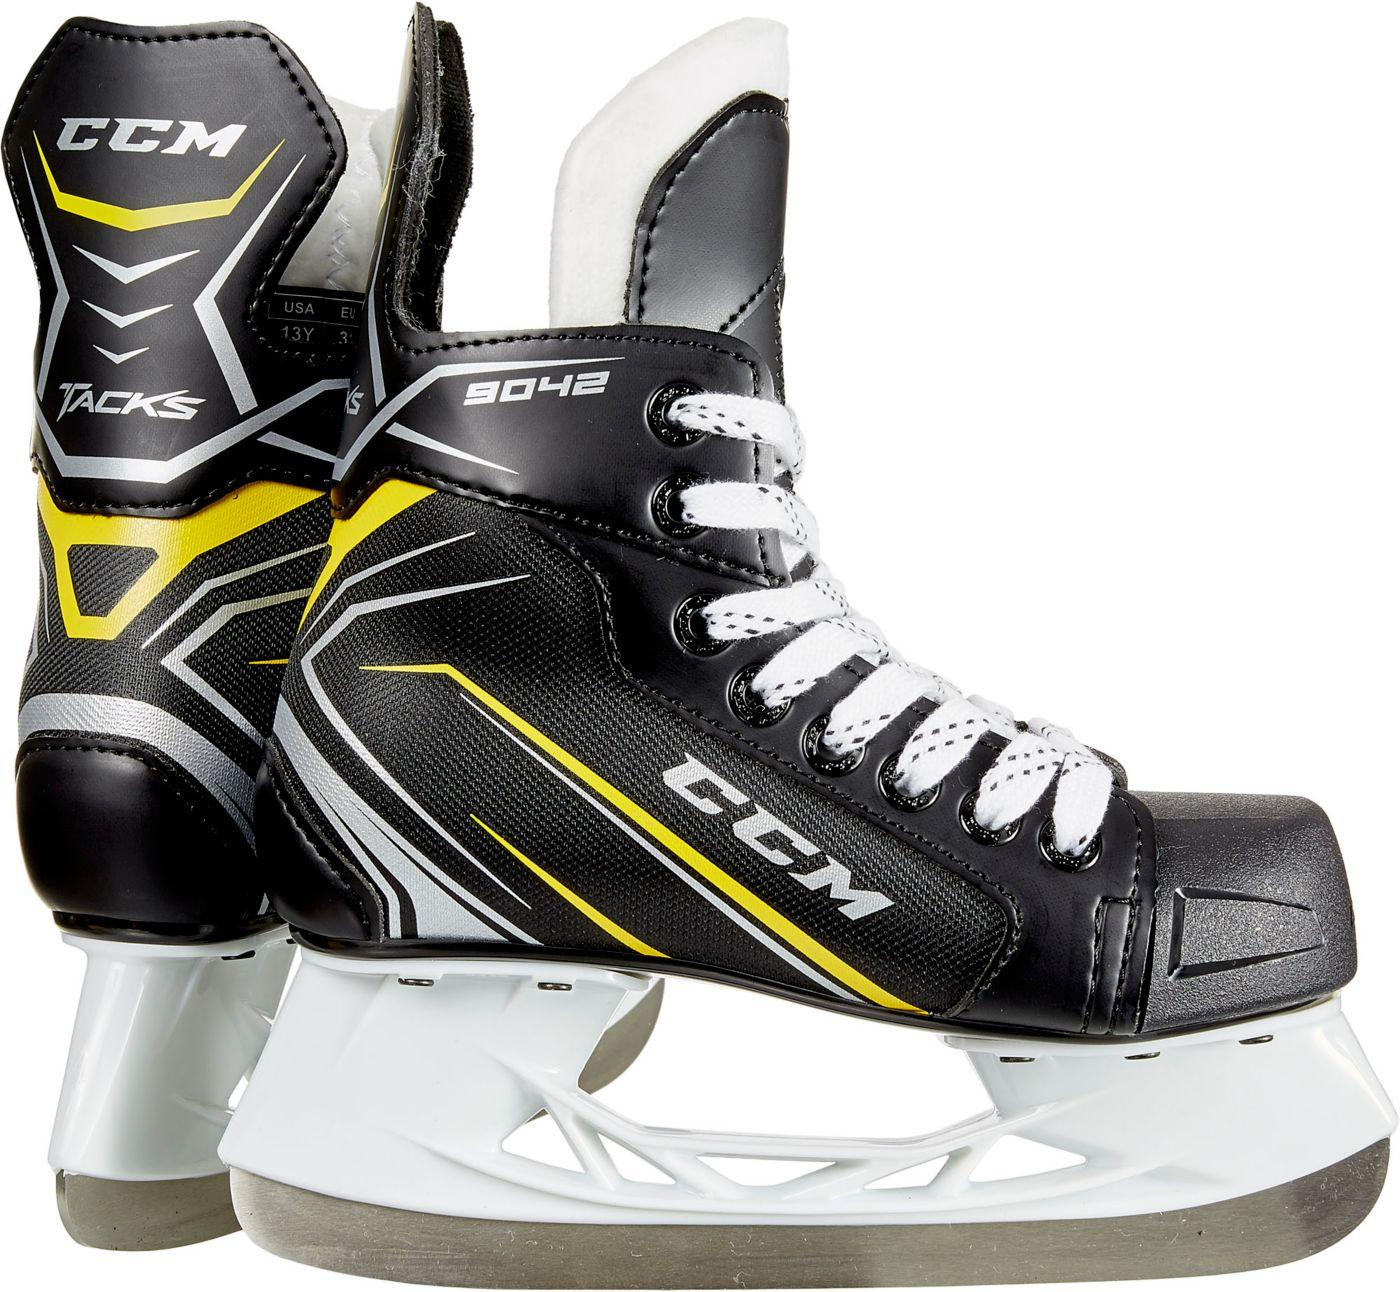 CCM Junior Tacks 9042 Ice Hockey Skates